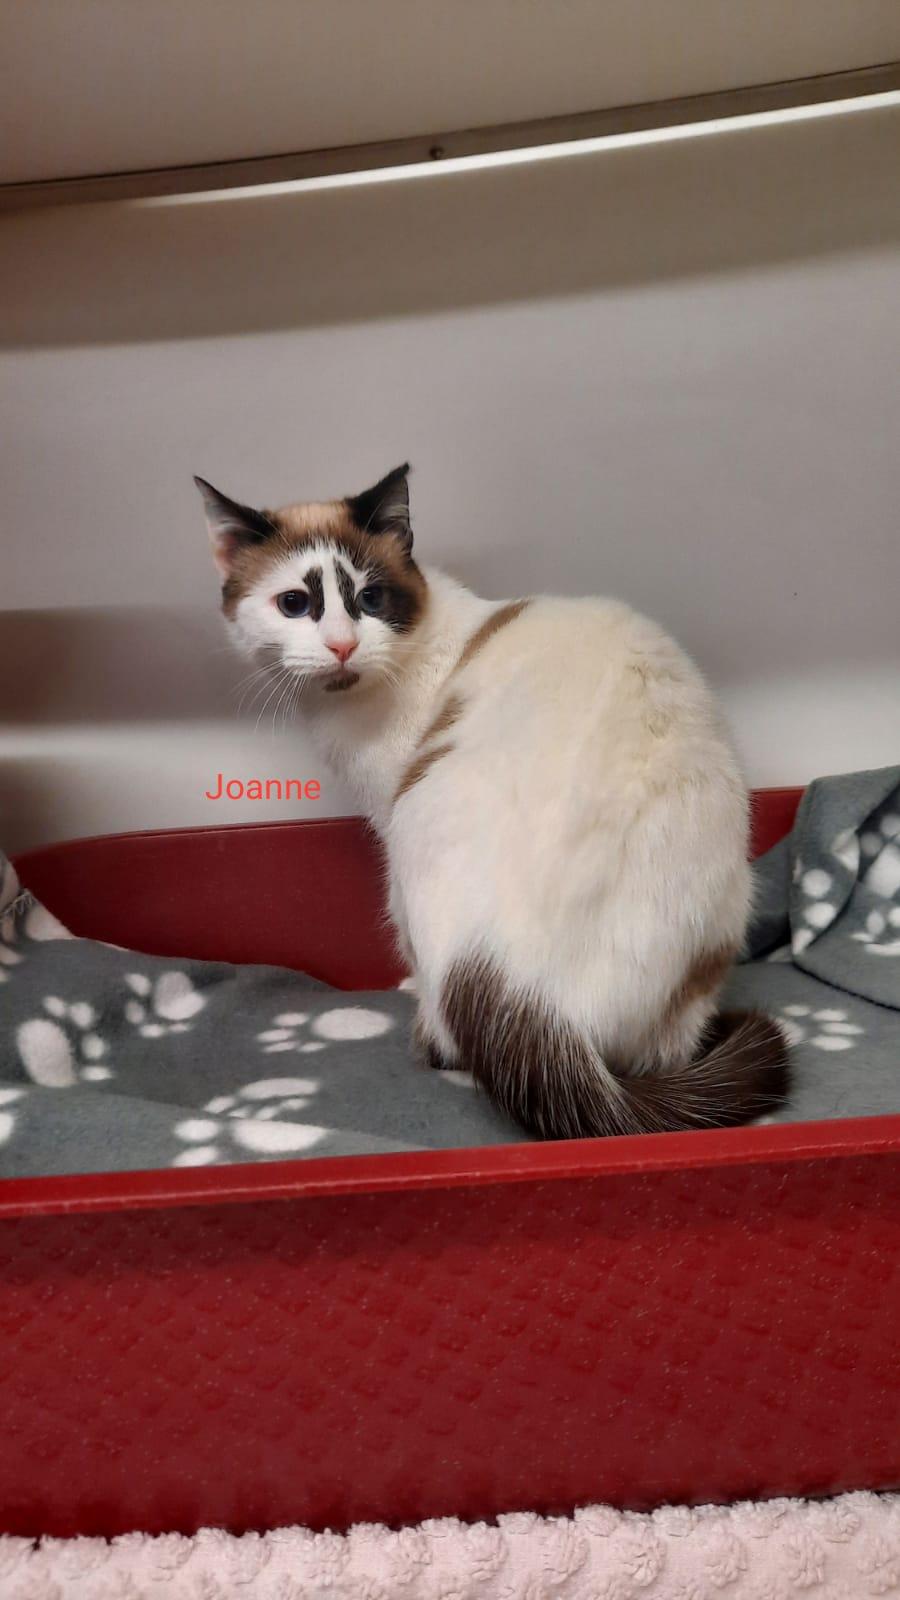 Joanne 06.02.2021